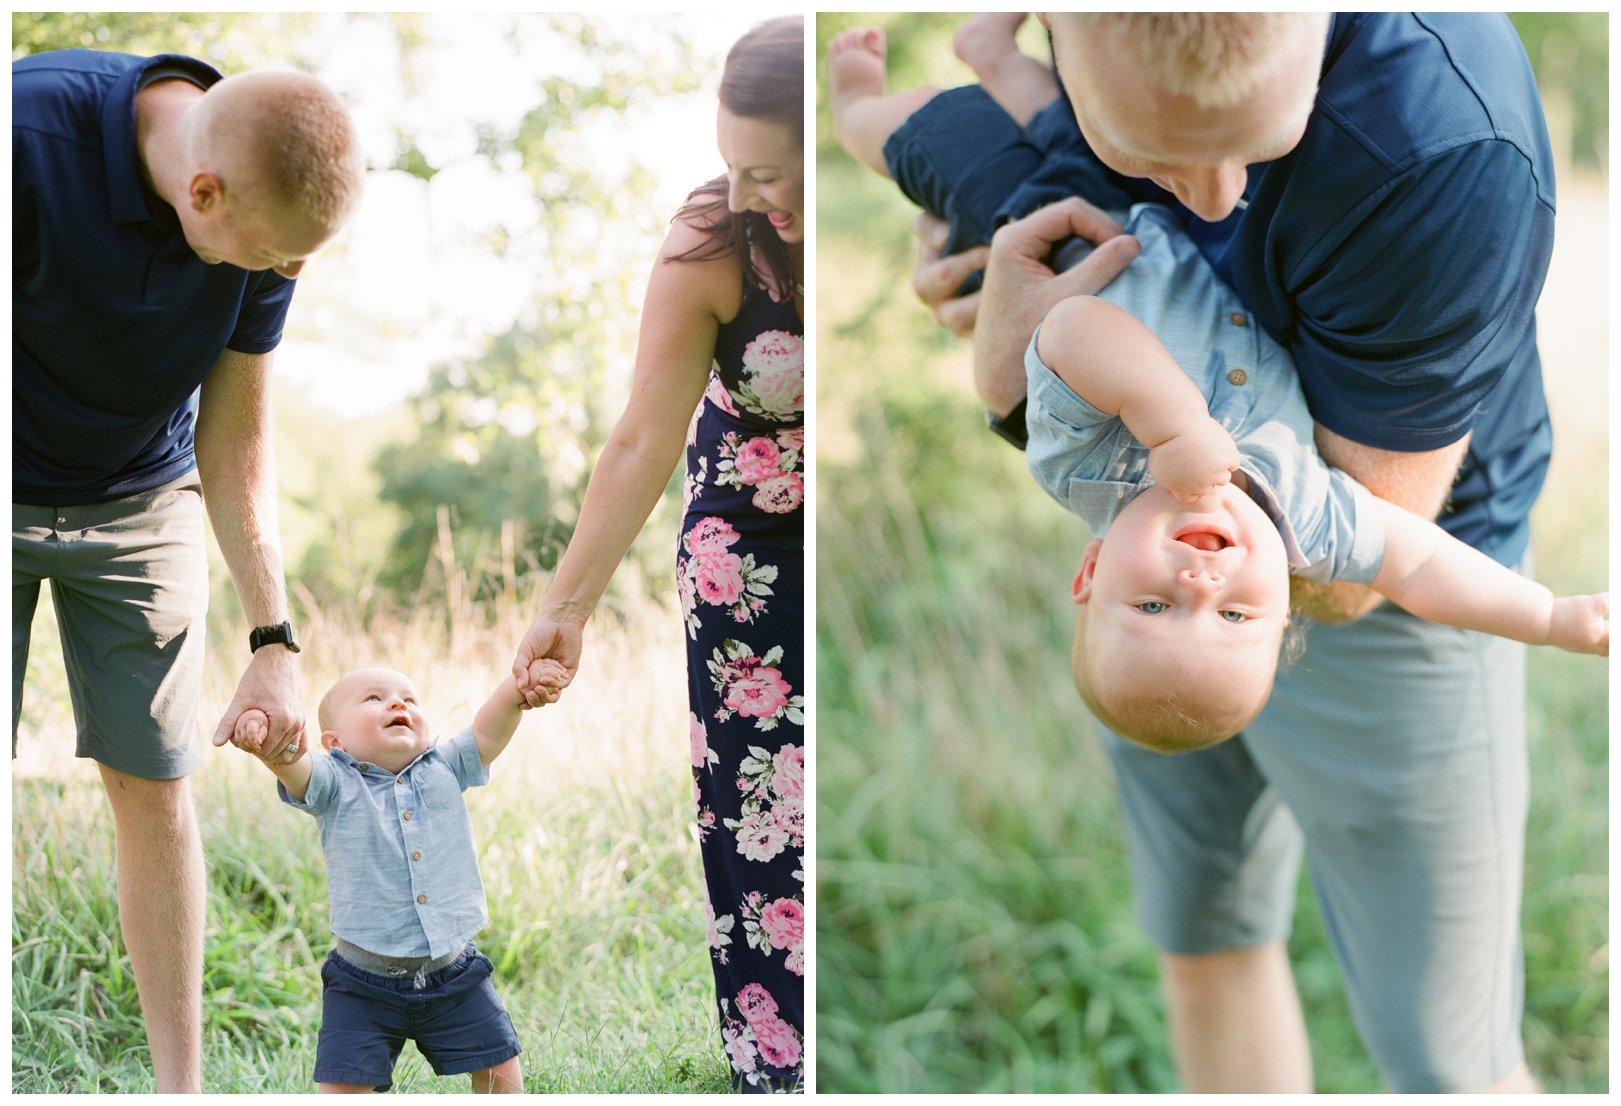 lauren muckler photography_fine art film wedding photography_st louis_photography_3650.jpg